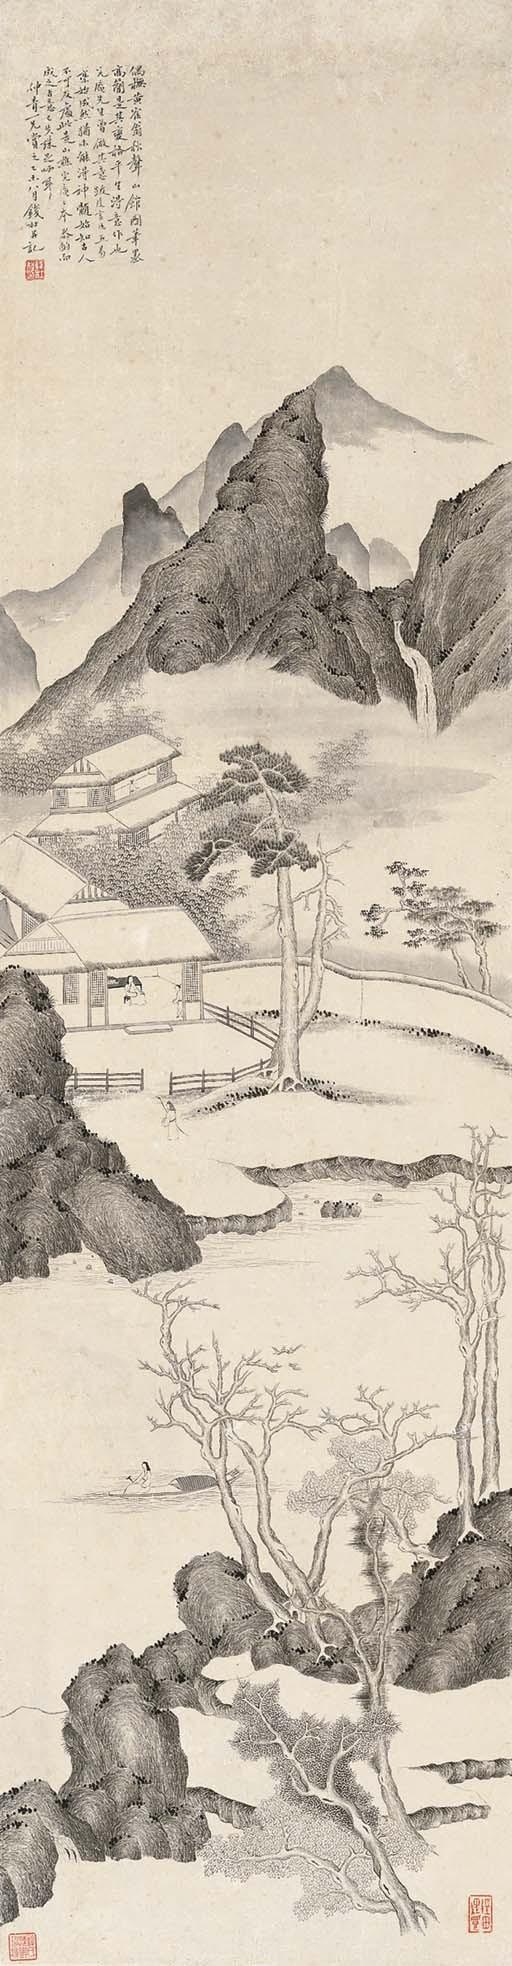 QIAN DU (1763-1844)